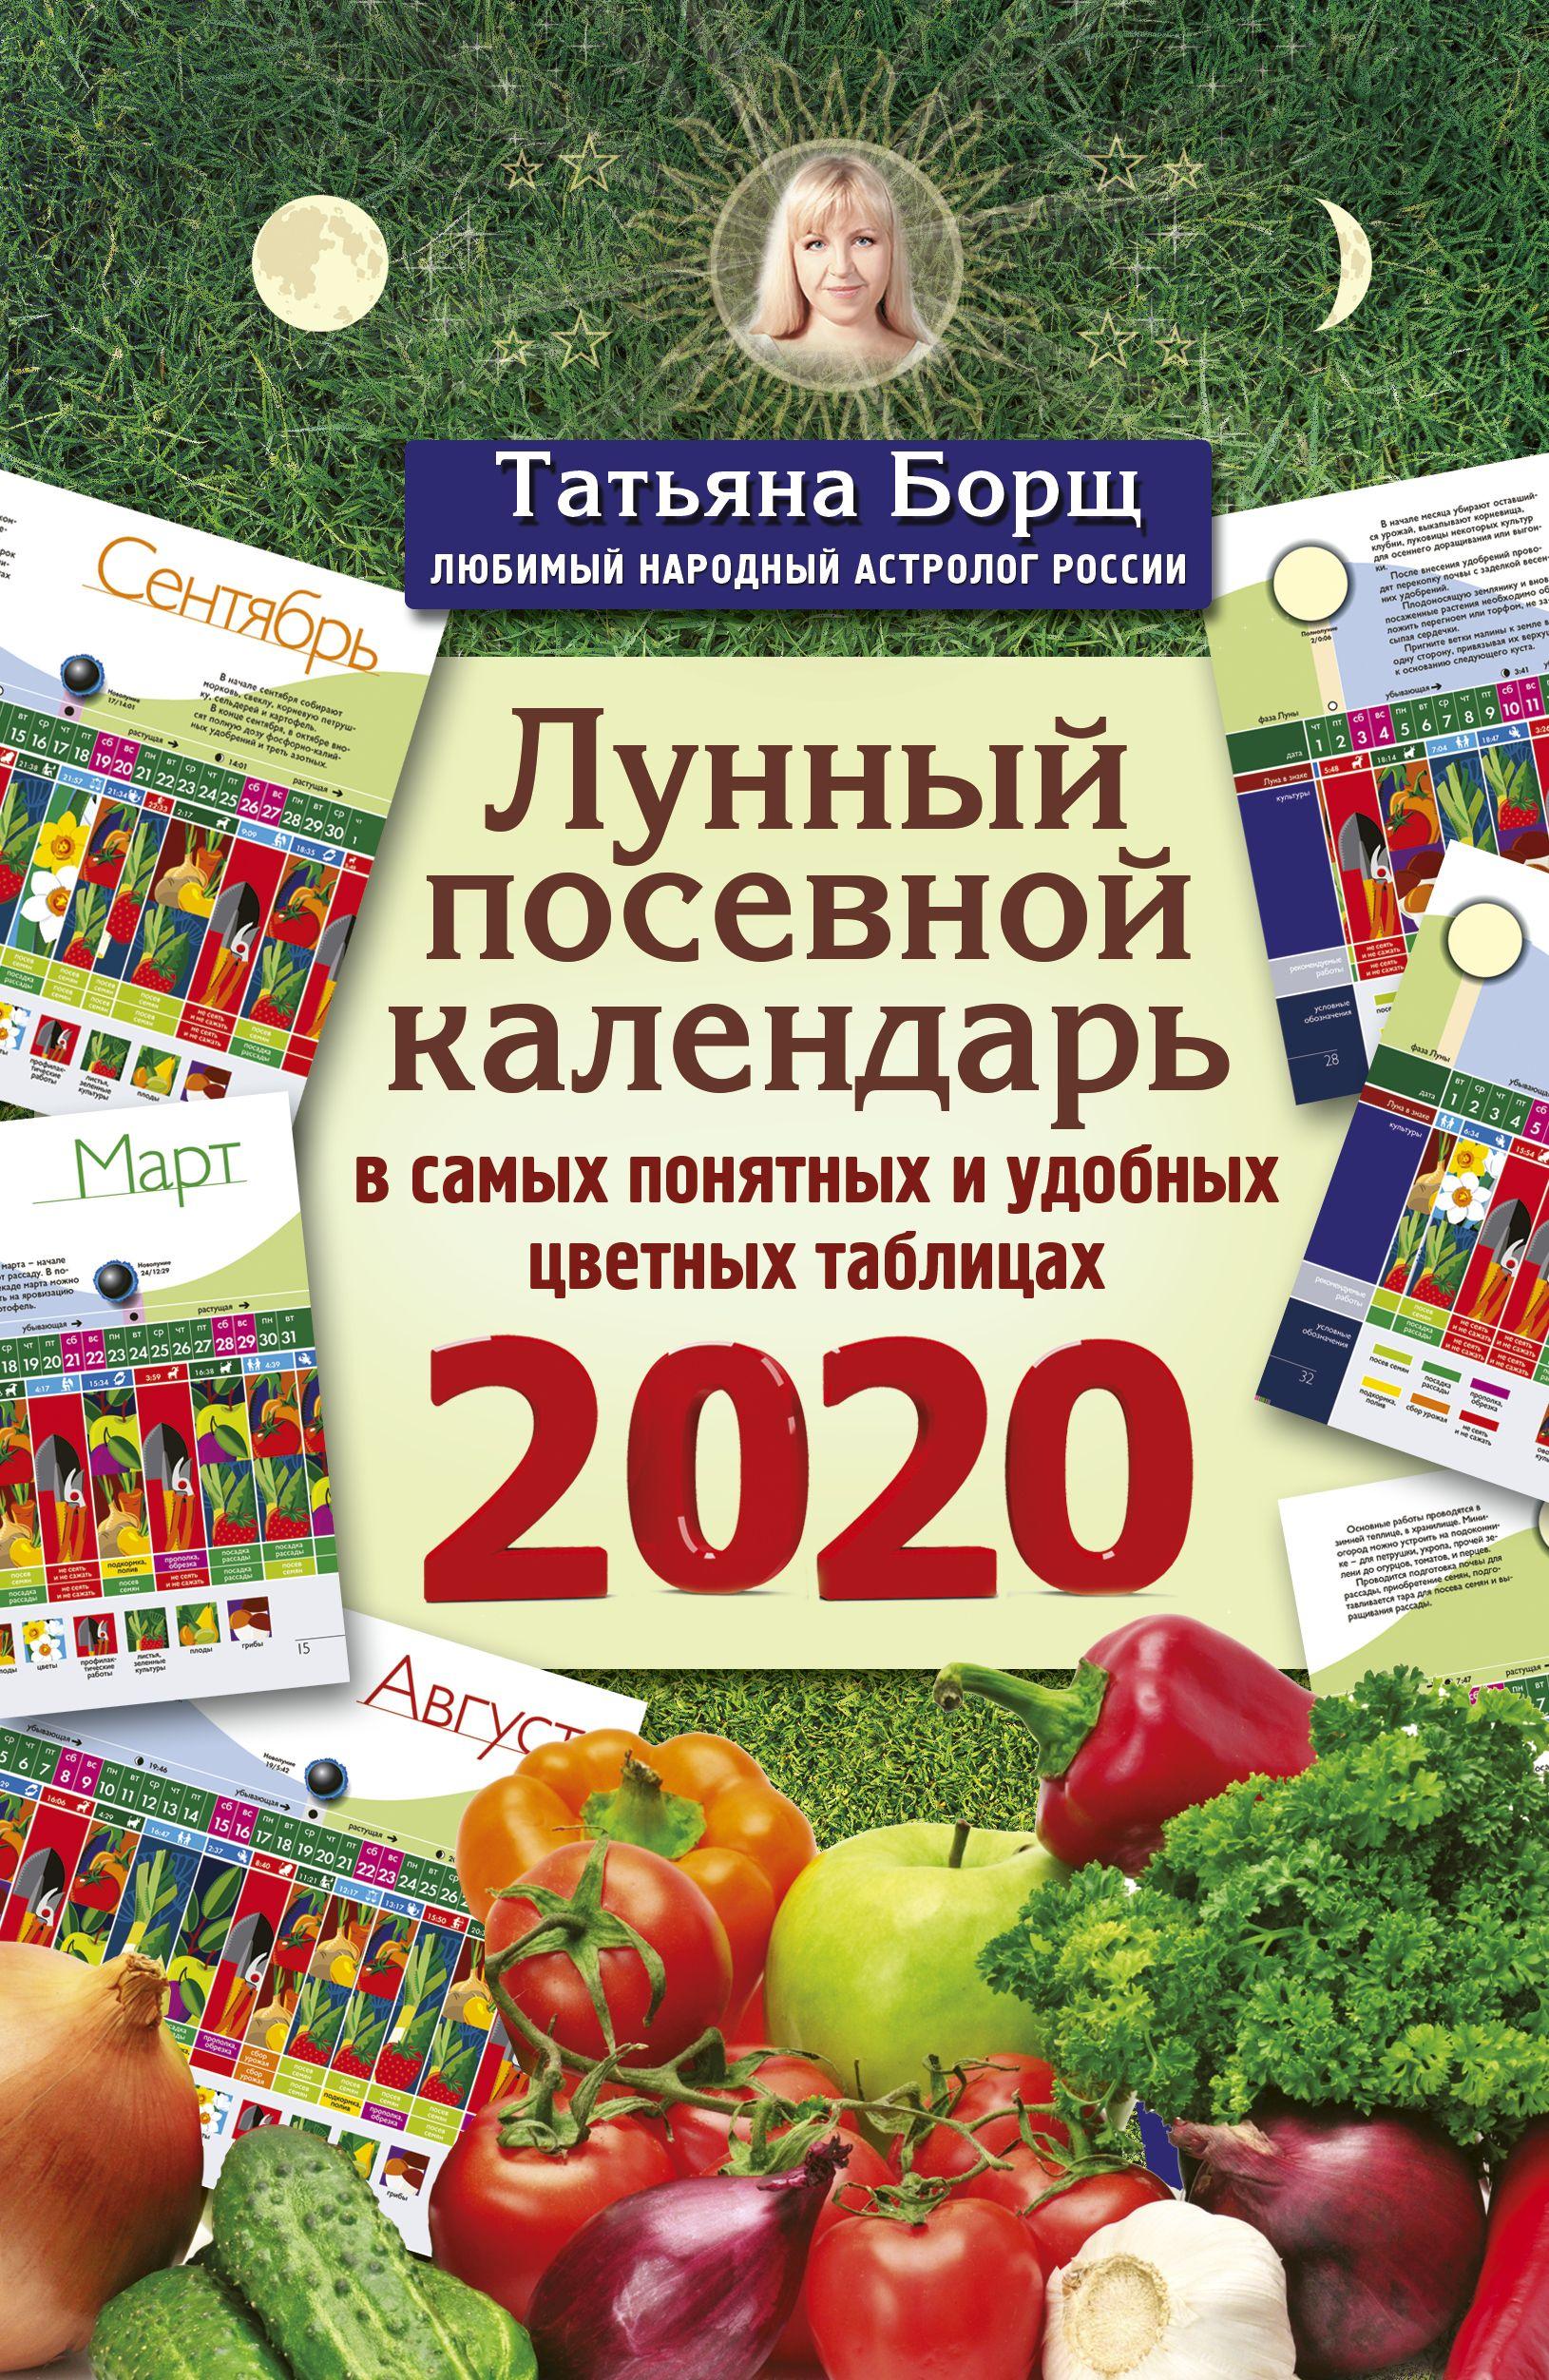 Татьяна Борщ Лунный посевной календарь в самых понятных и удобных цветных таблицах на 2020 год борщ т лунный посевной календарь на 2020 год